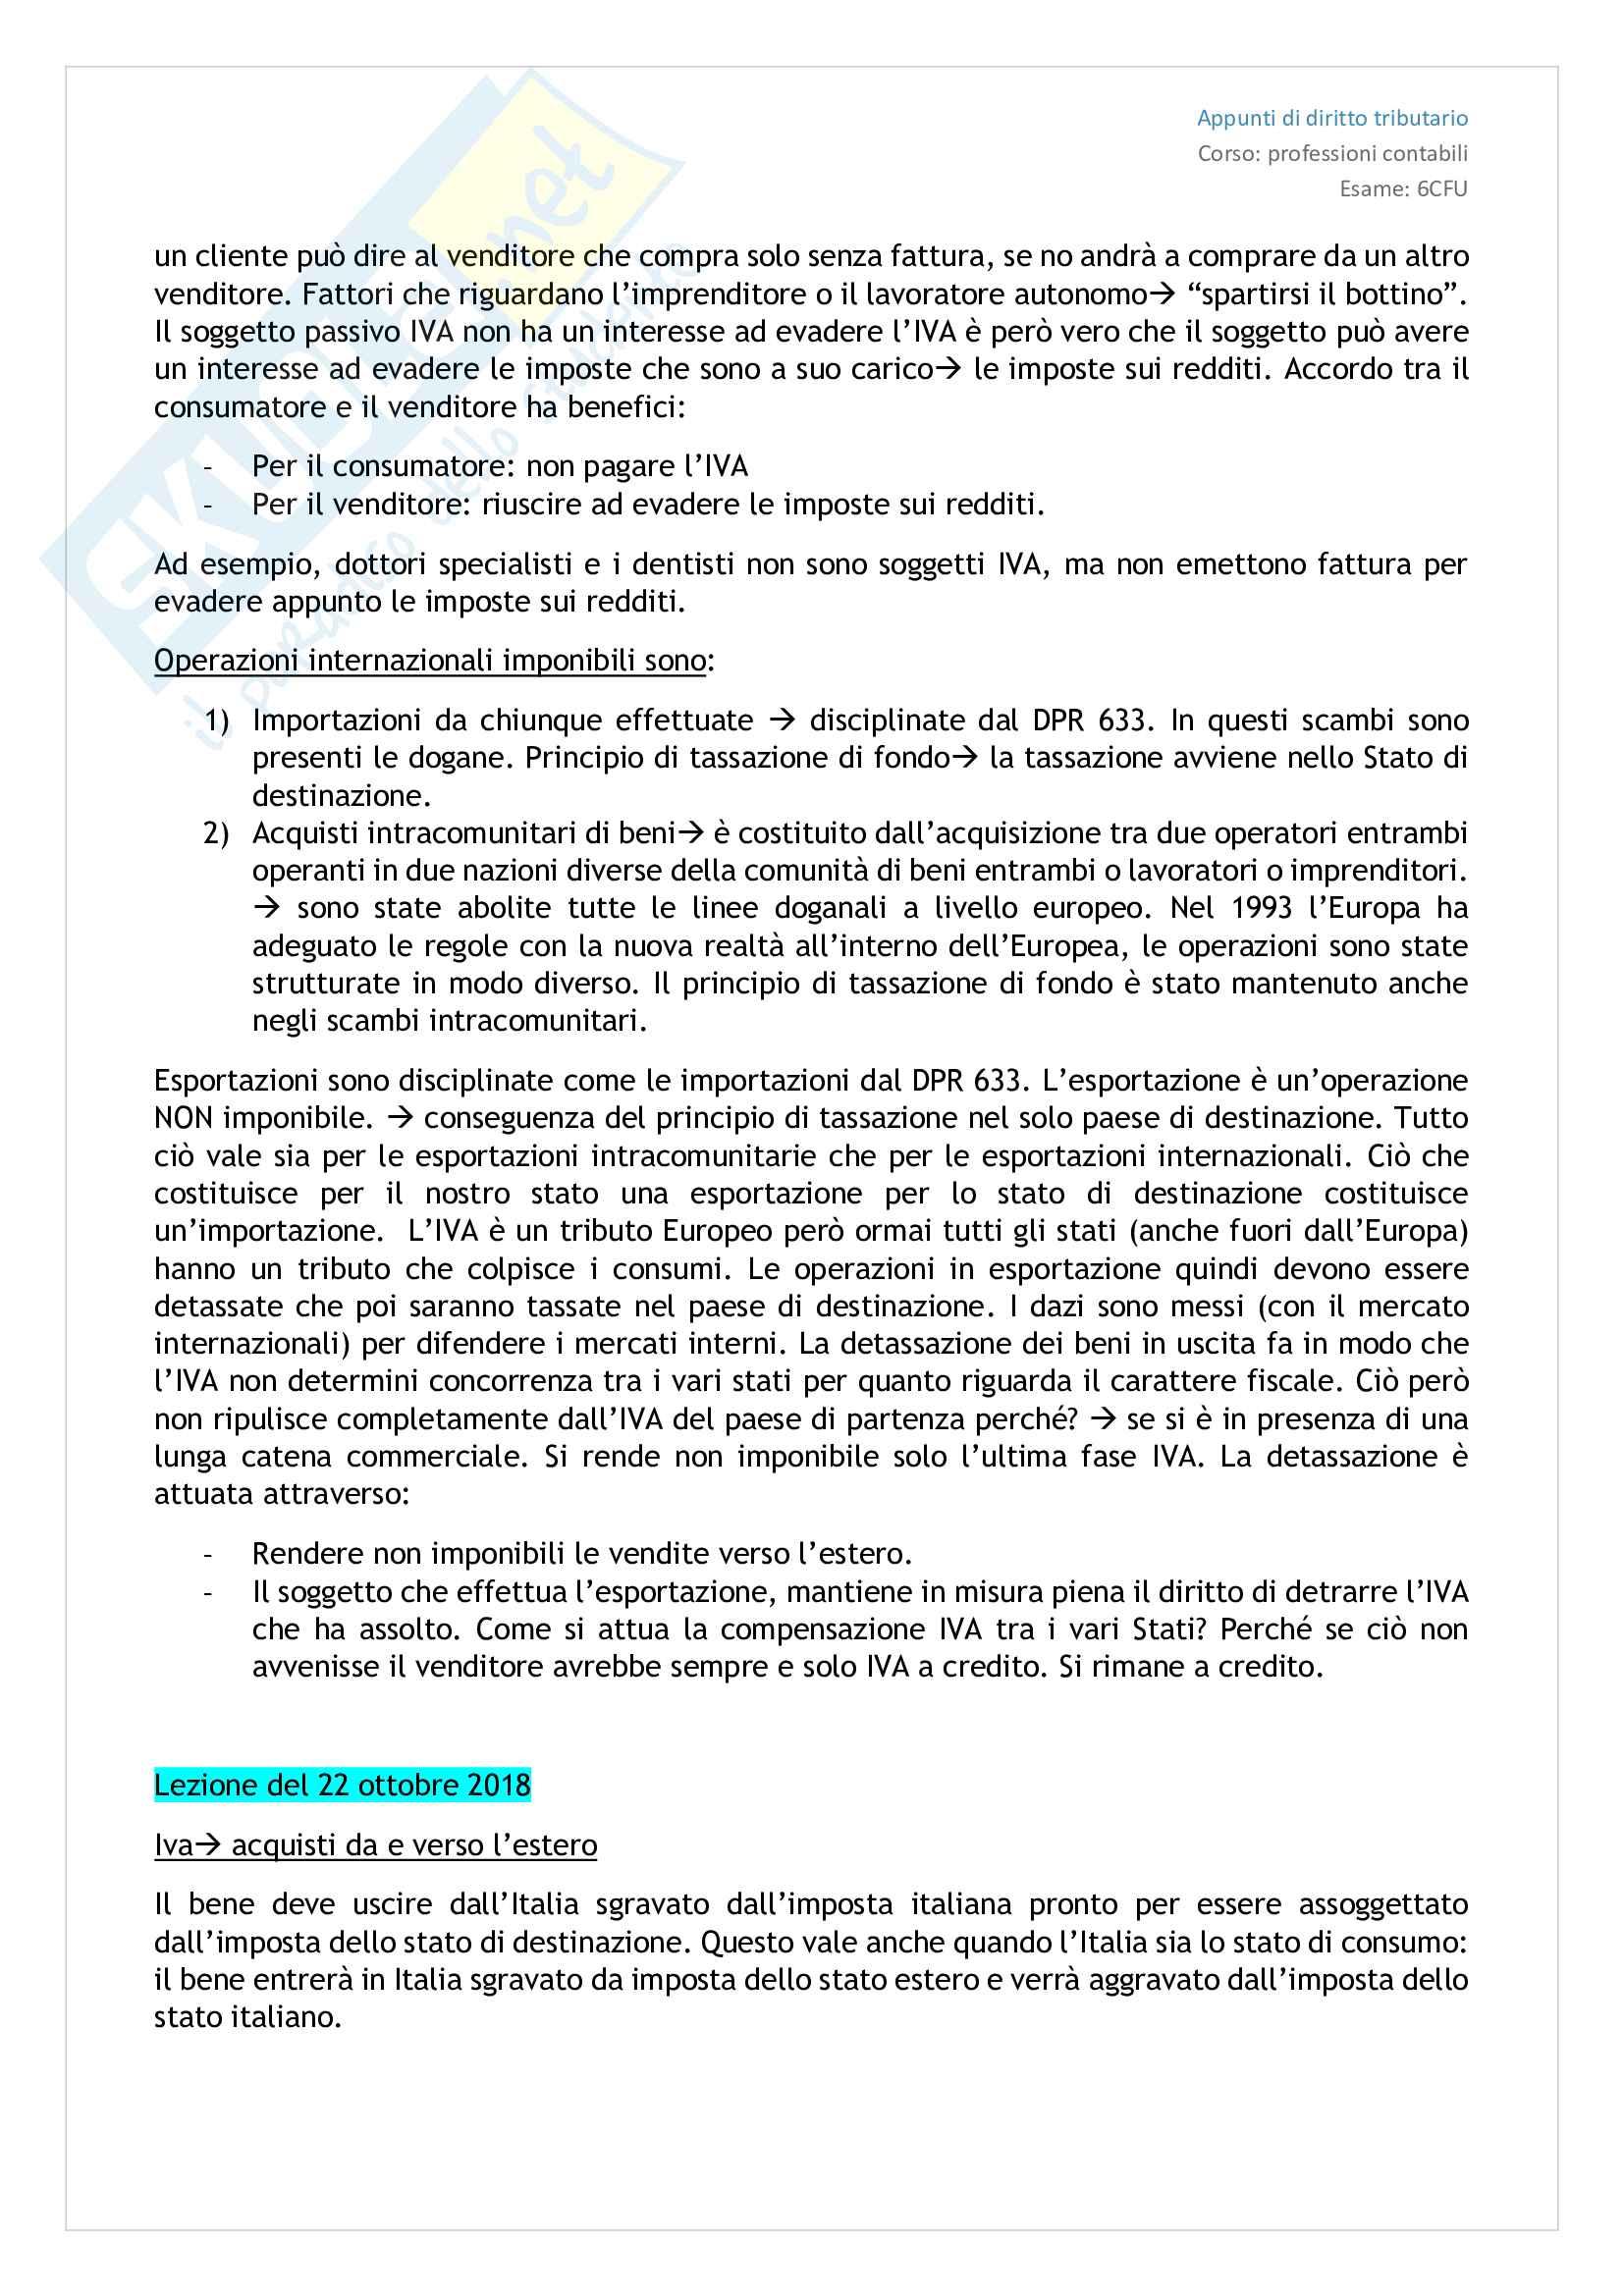 Diritto tributario - Appunti presi a lezione Pag. 11